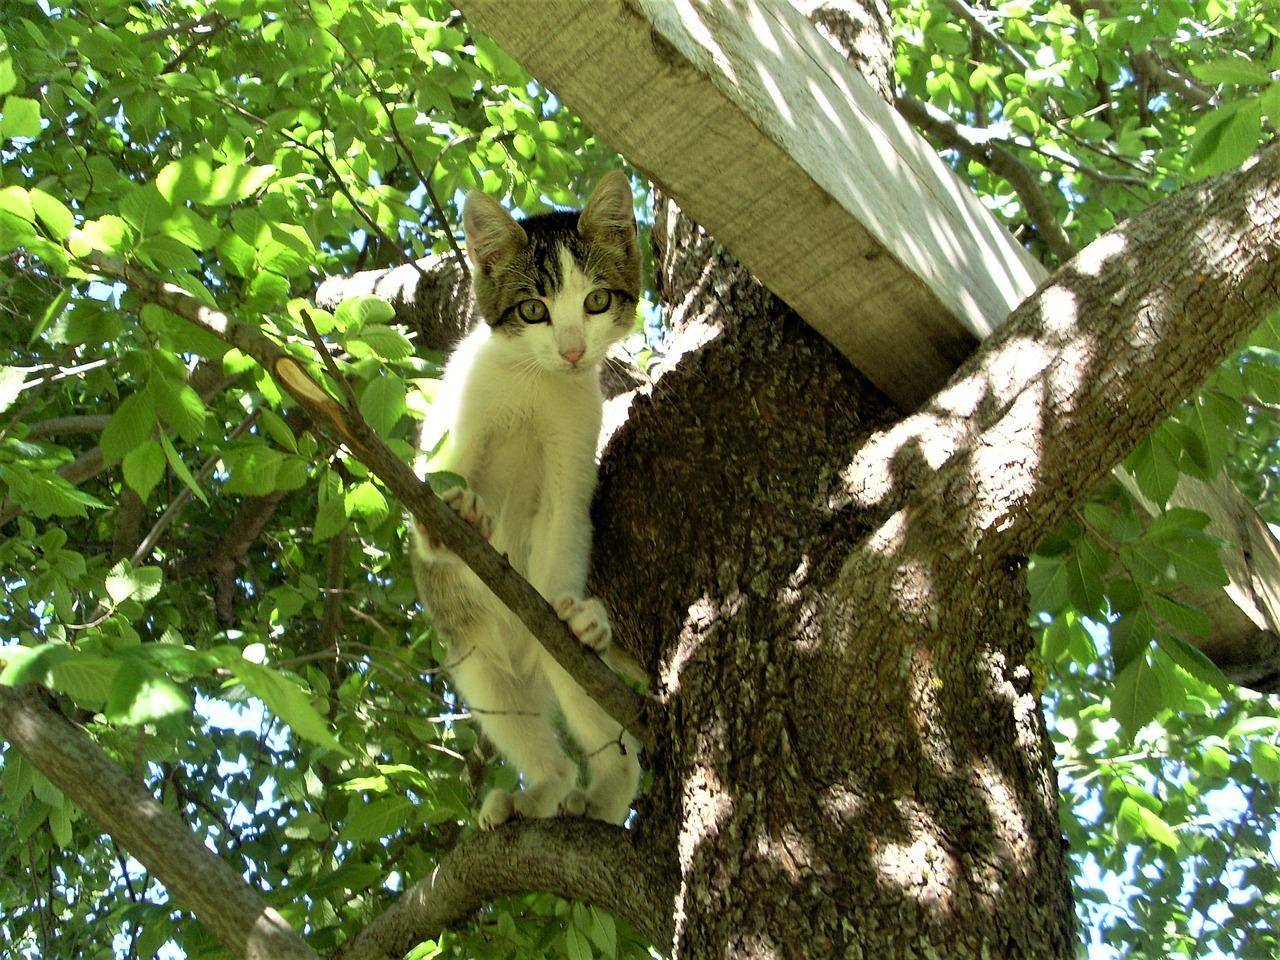 Comportamento del gatto, perché il gatto ama stare in alto?